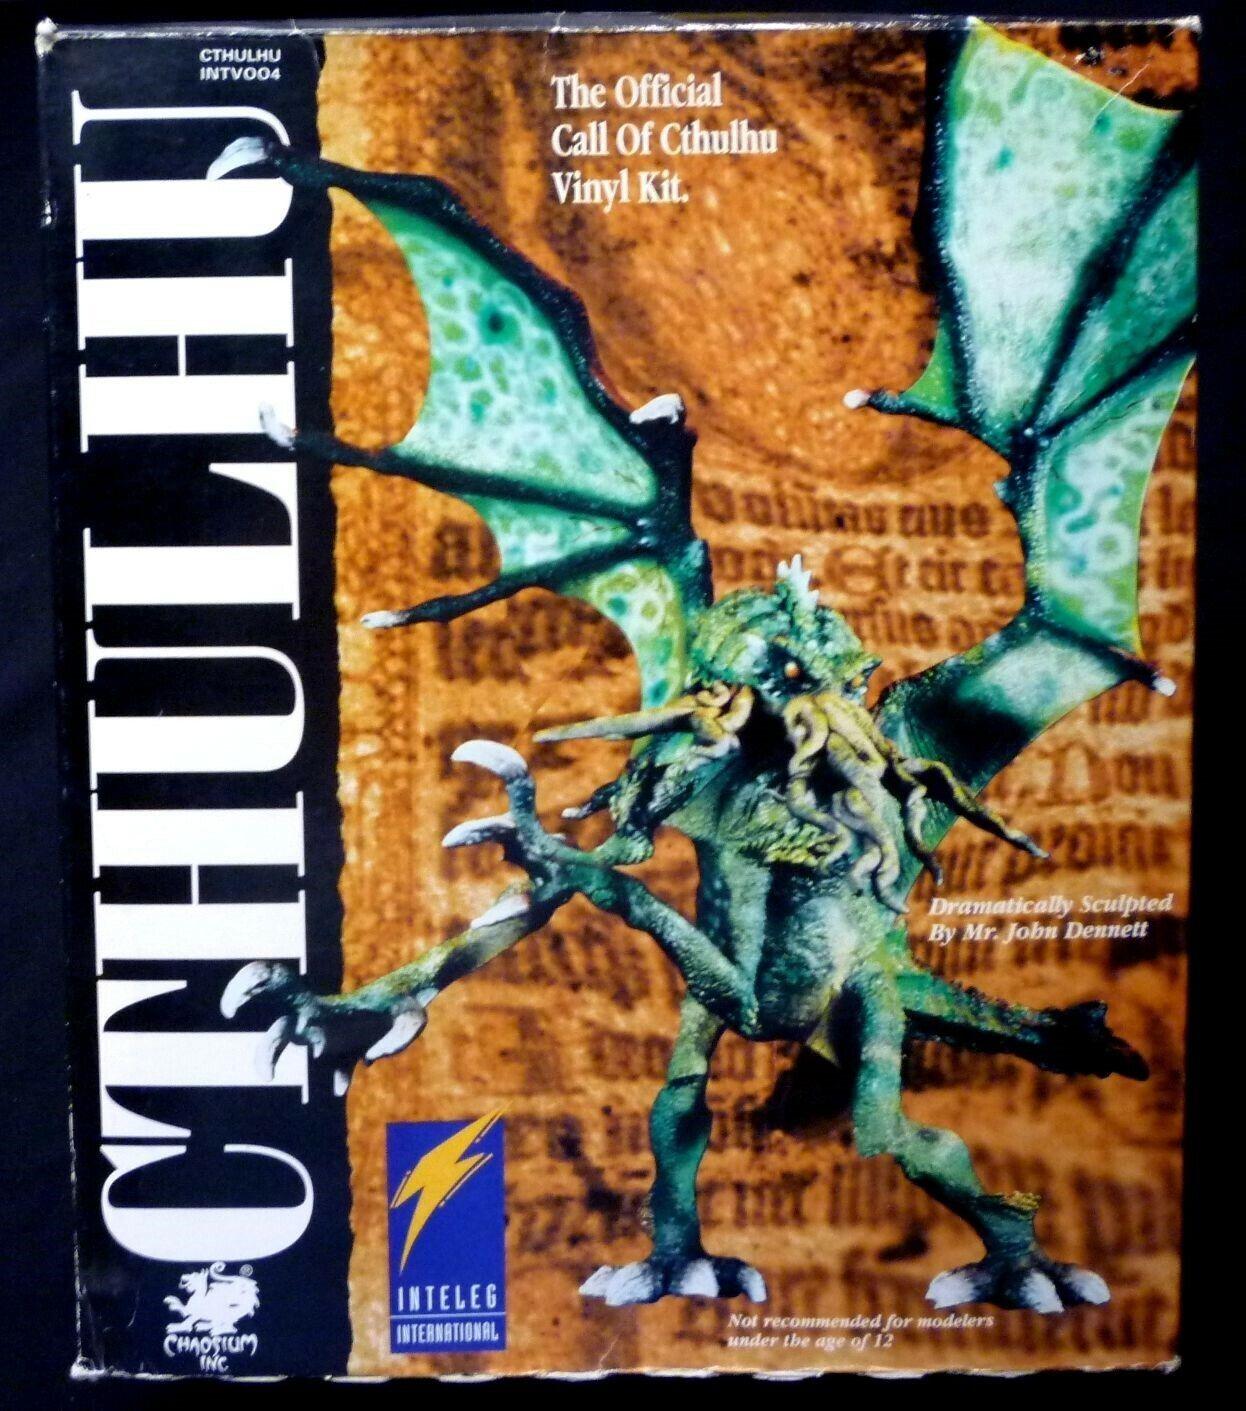 INTELEG John Dennett Call of Cthulhu Vinyle Cthulhu Model Kit